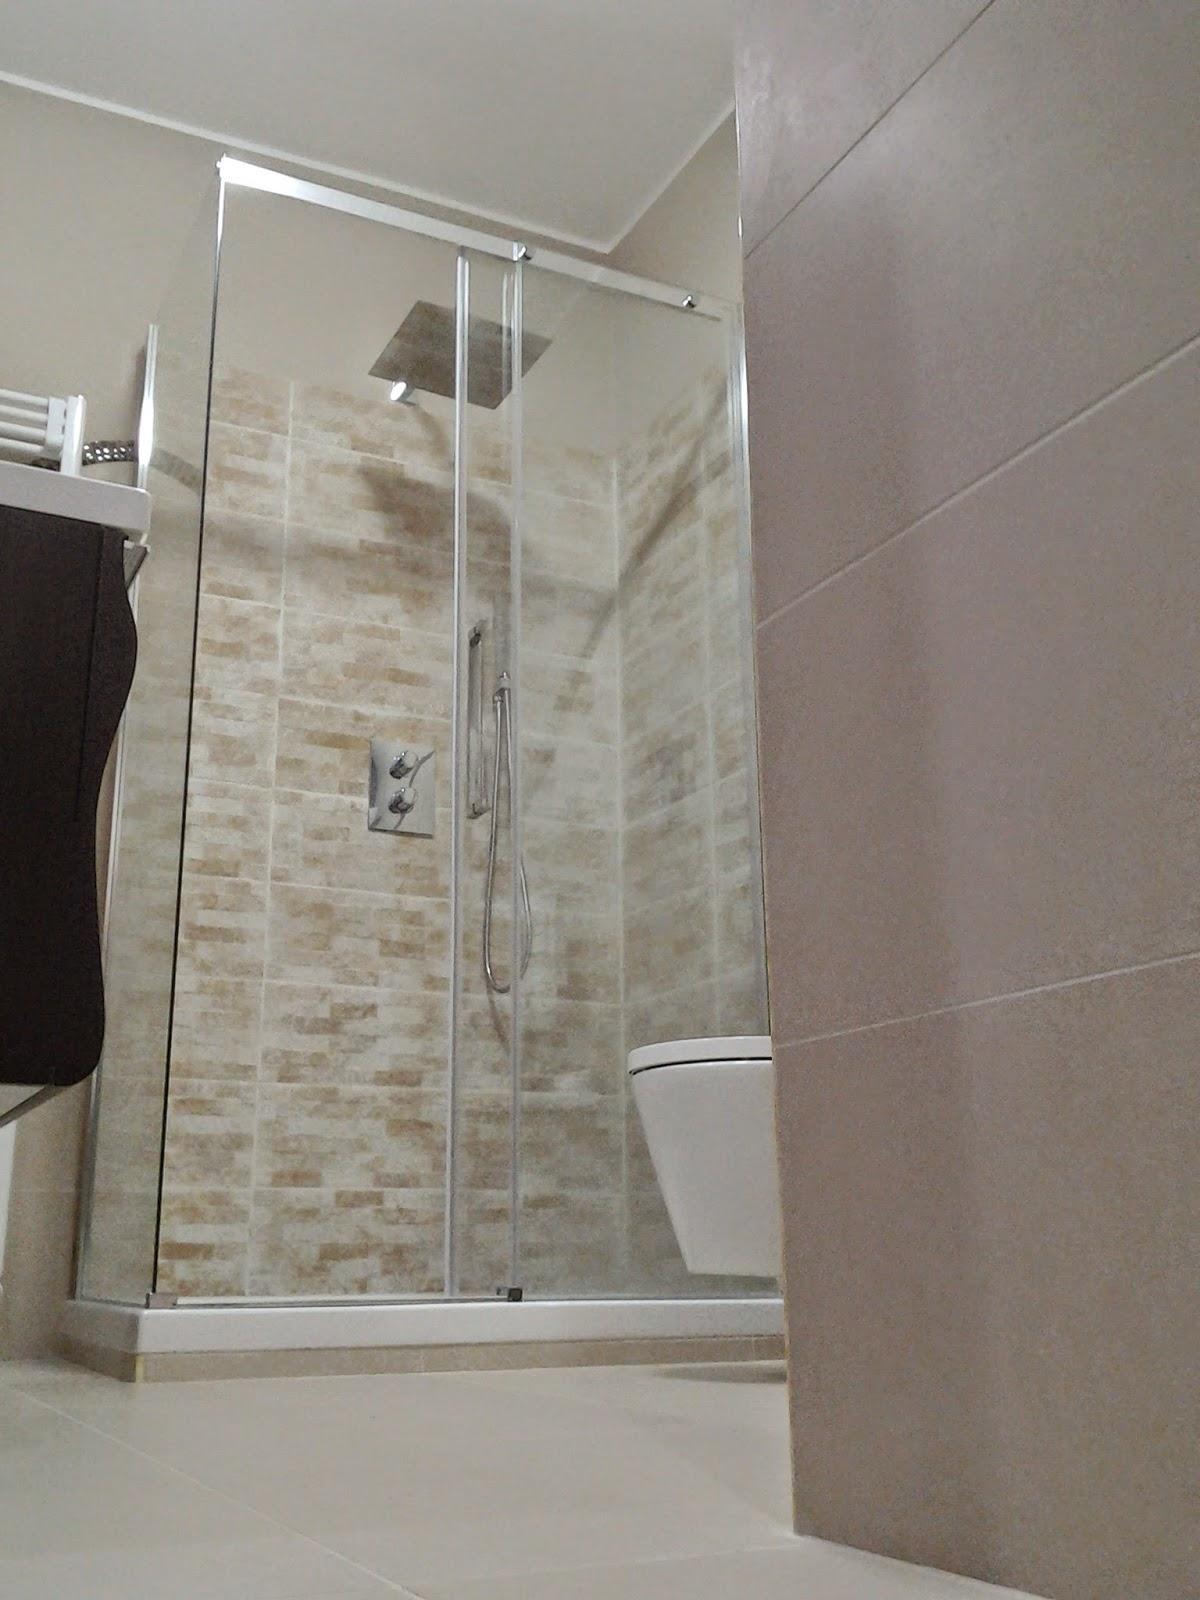 Architetto gaetano frud bagno moderno with bagno in - Bagno in muratura moderno ...